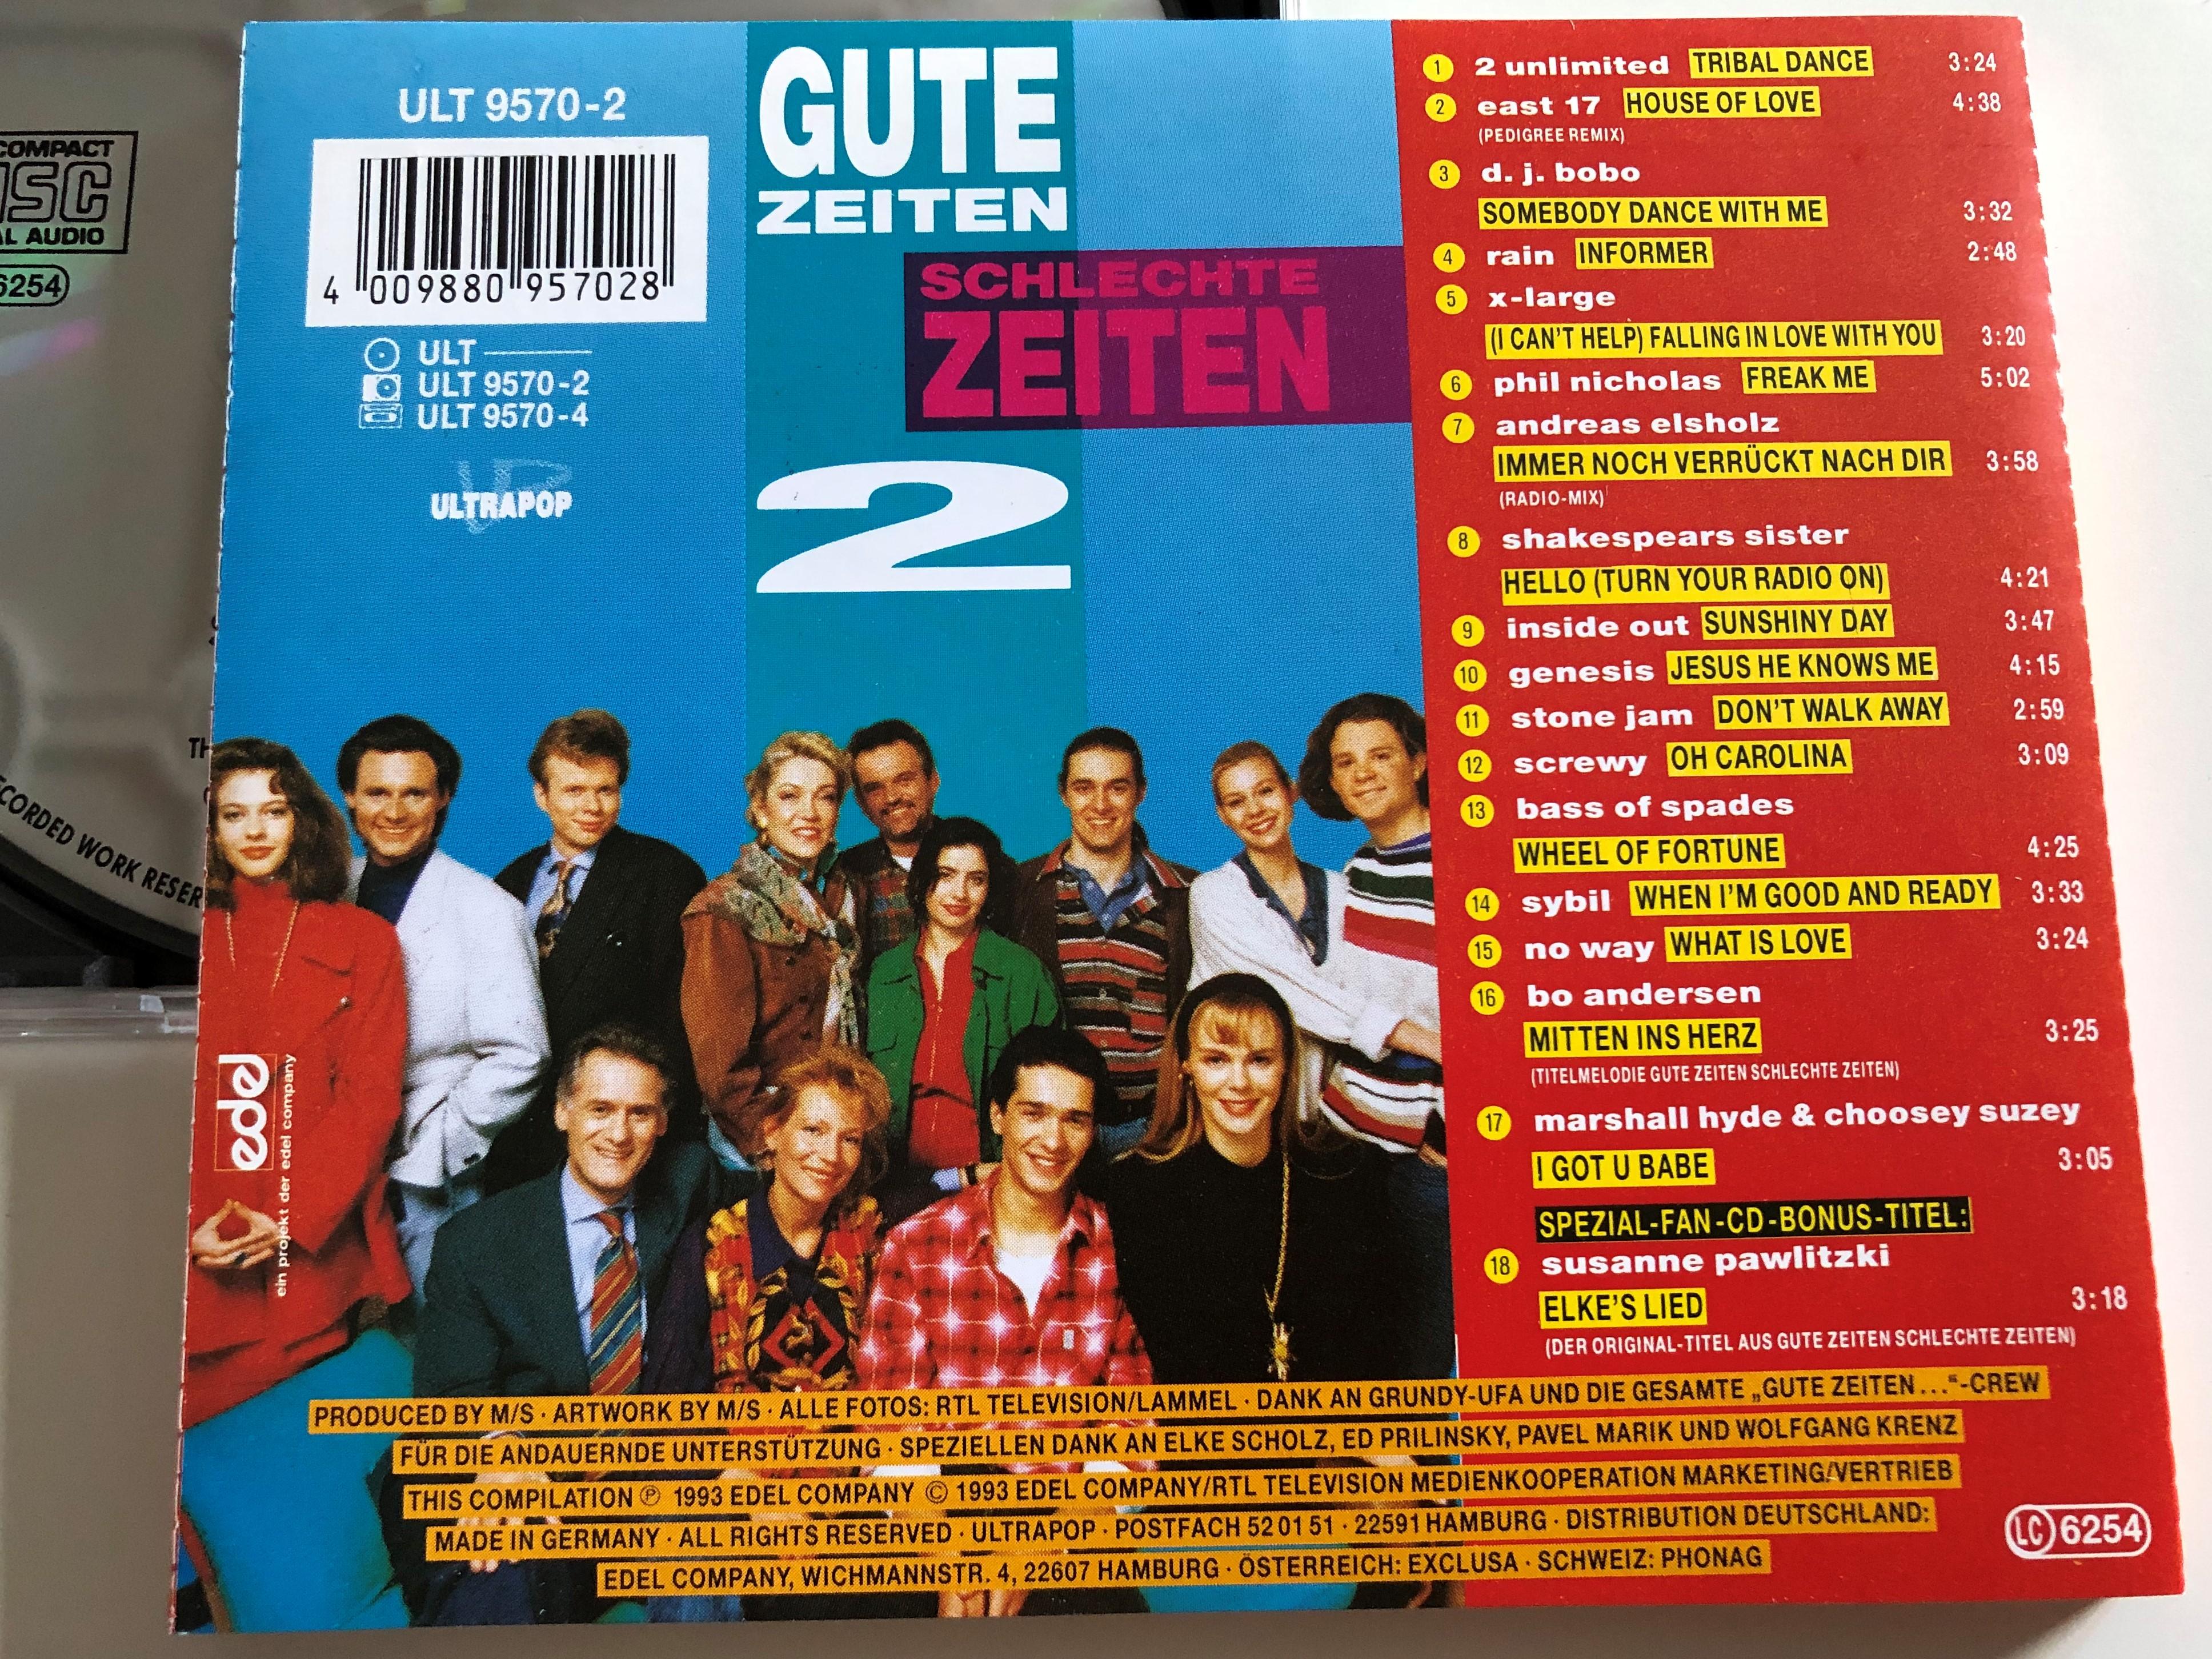 das-fan-album-gute-zeiten-img-4550.jpg